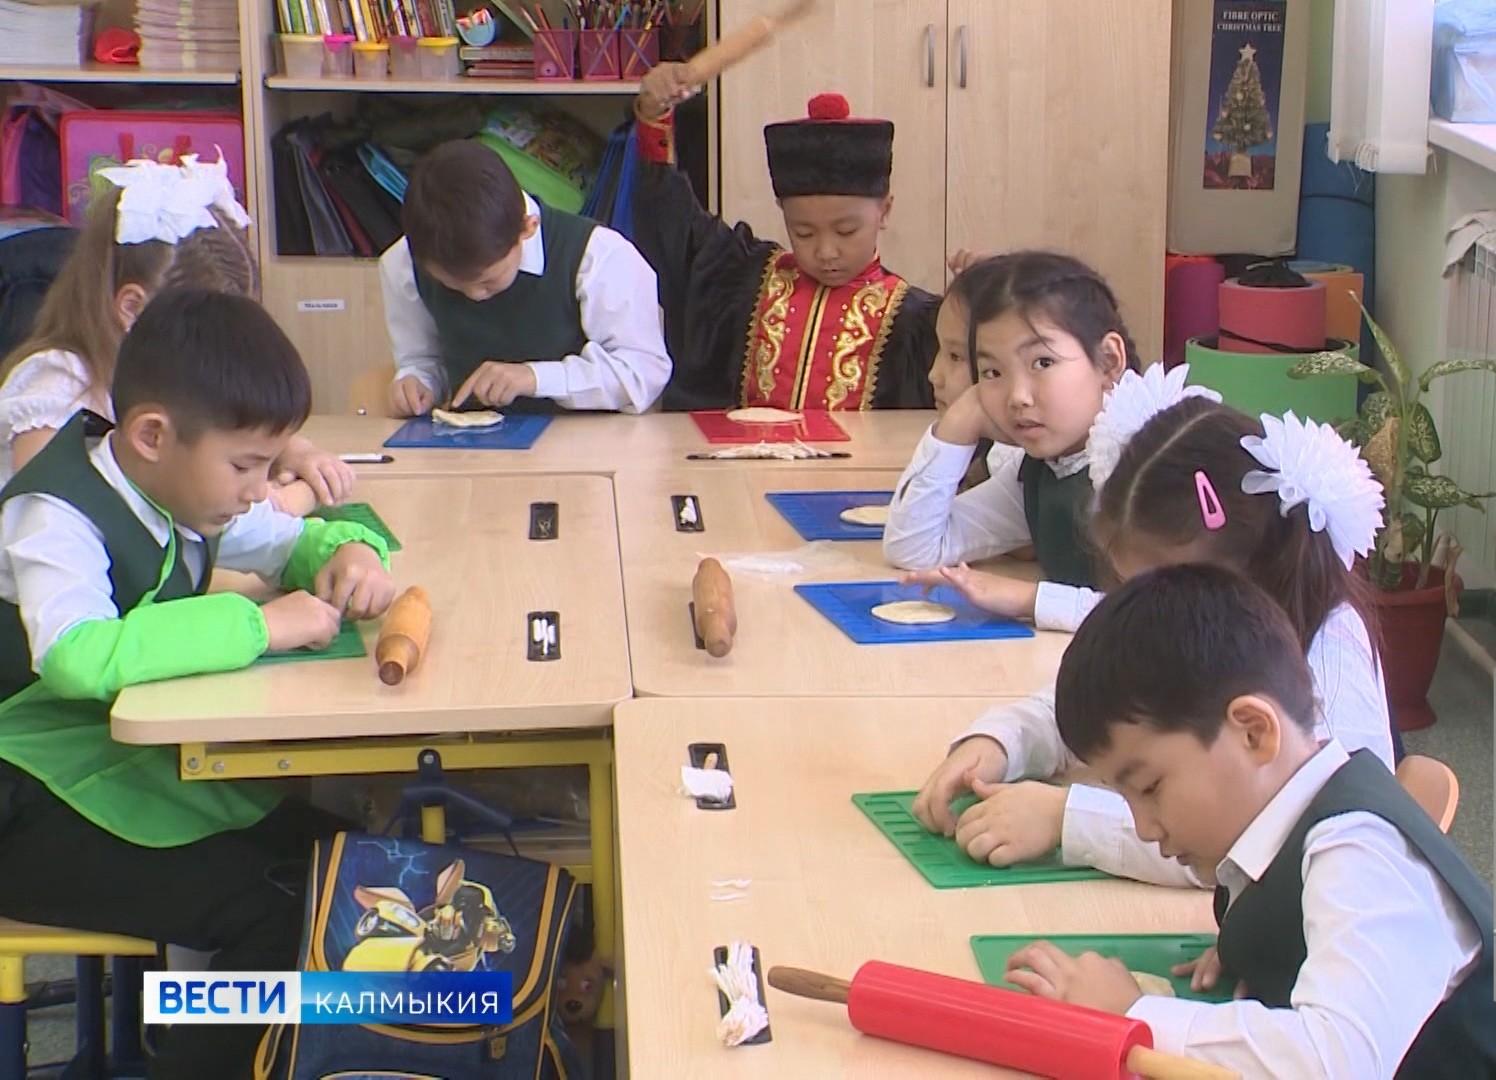 В школах Калмыкии состоялся единый интернет-радио-урок по калмыцкому языку